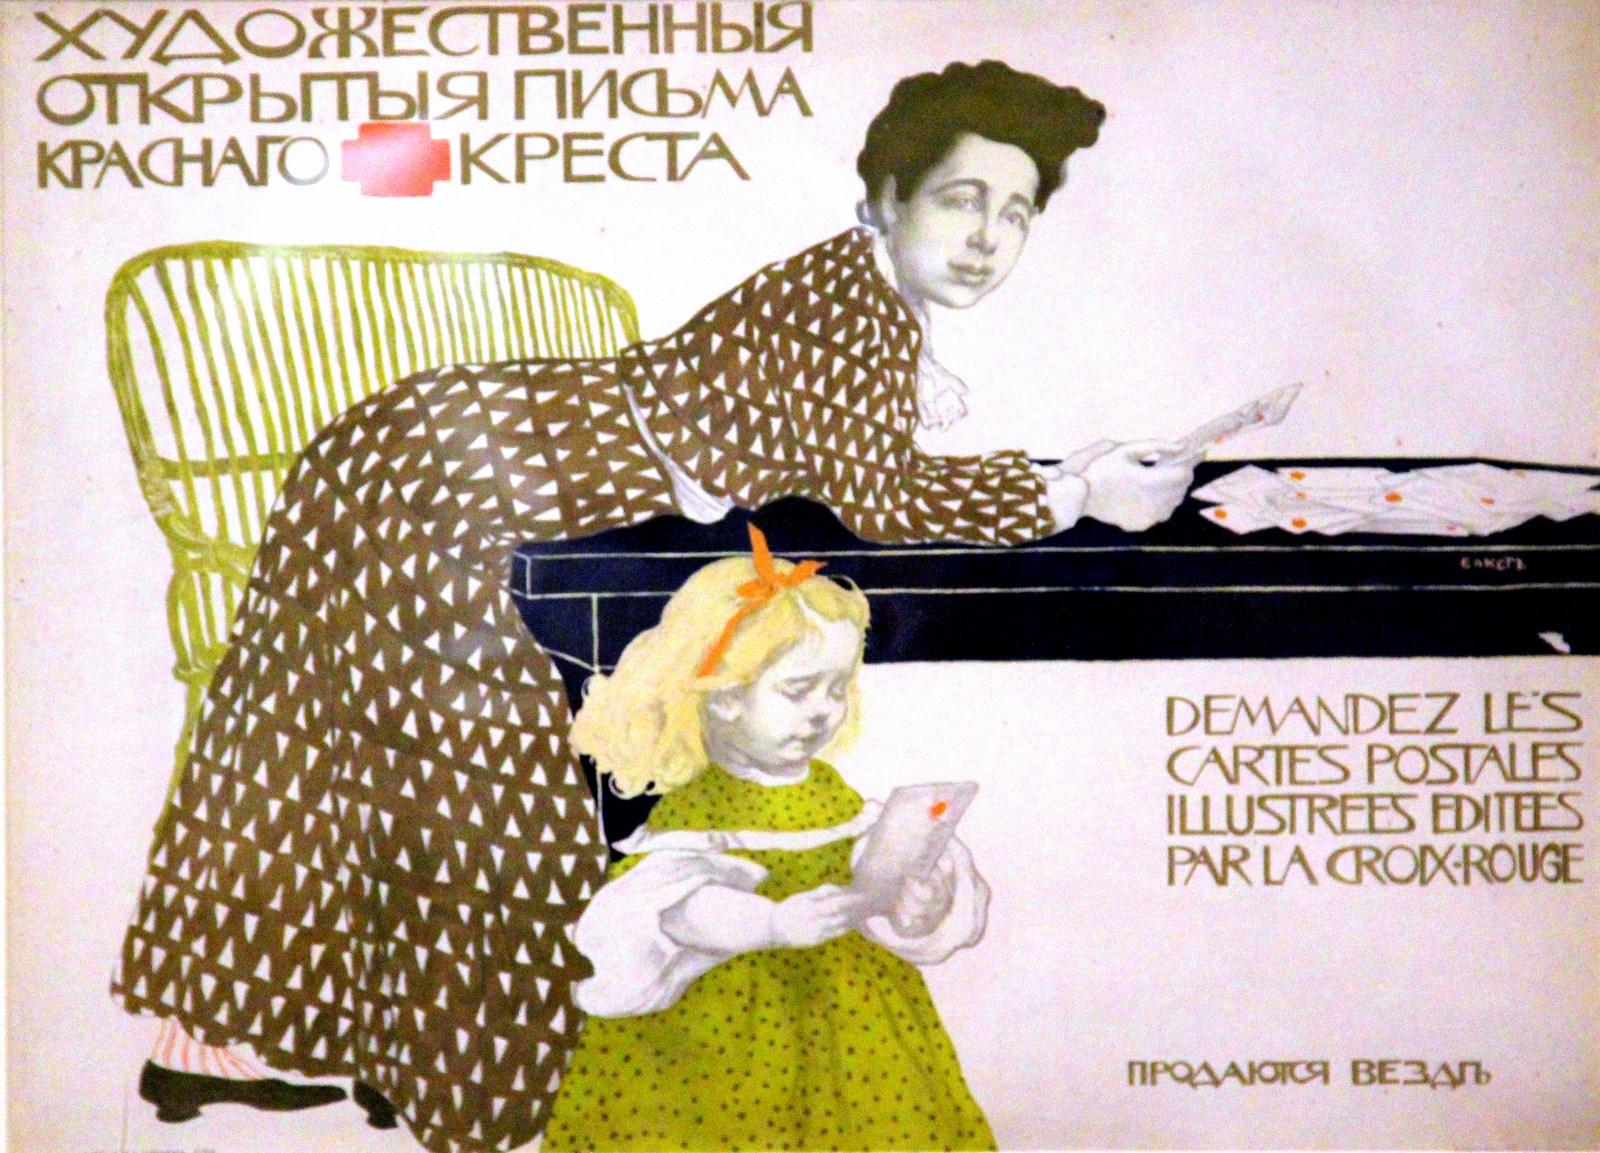 Бакст Лев (автор эскиза) Плакат, рекламирующий открытки Общества Красного Креста. 1904 Бумага, цветная литография. Санкт-Петербургский государственный музей театрального и музыкального искусства